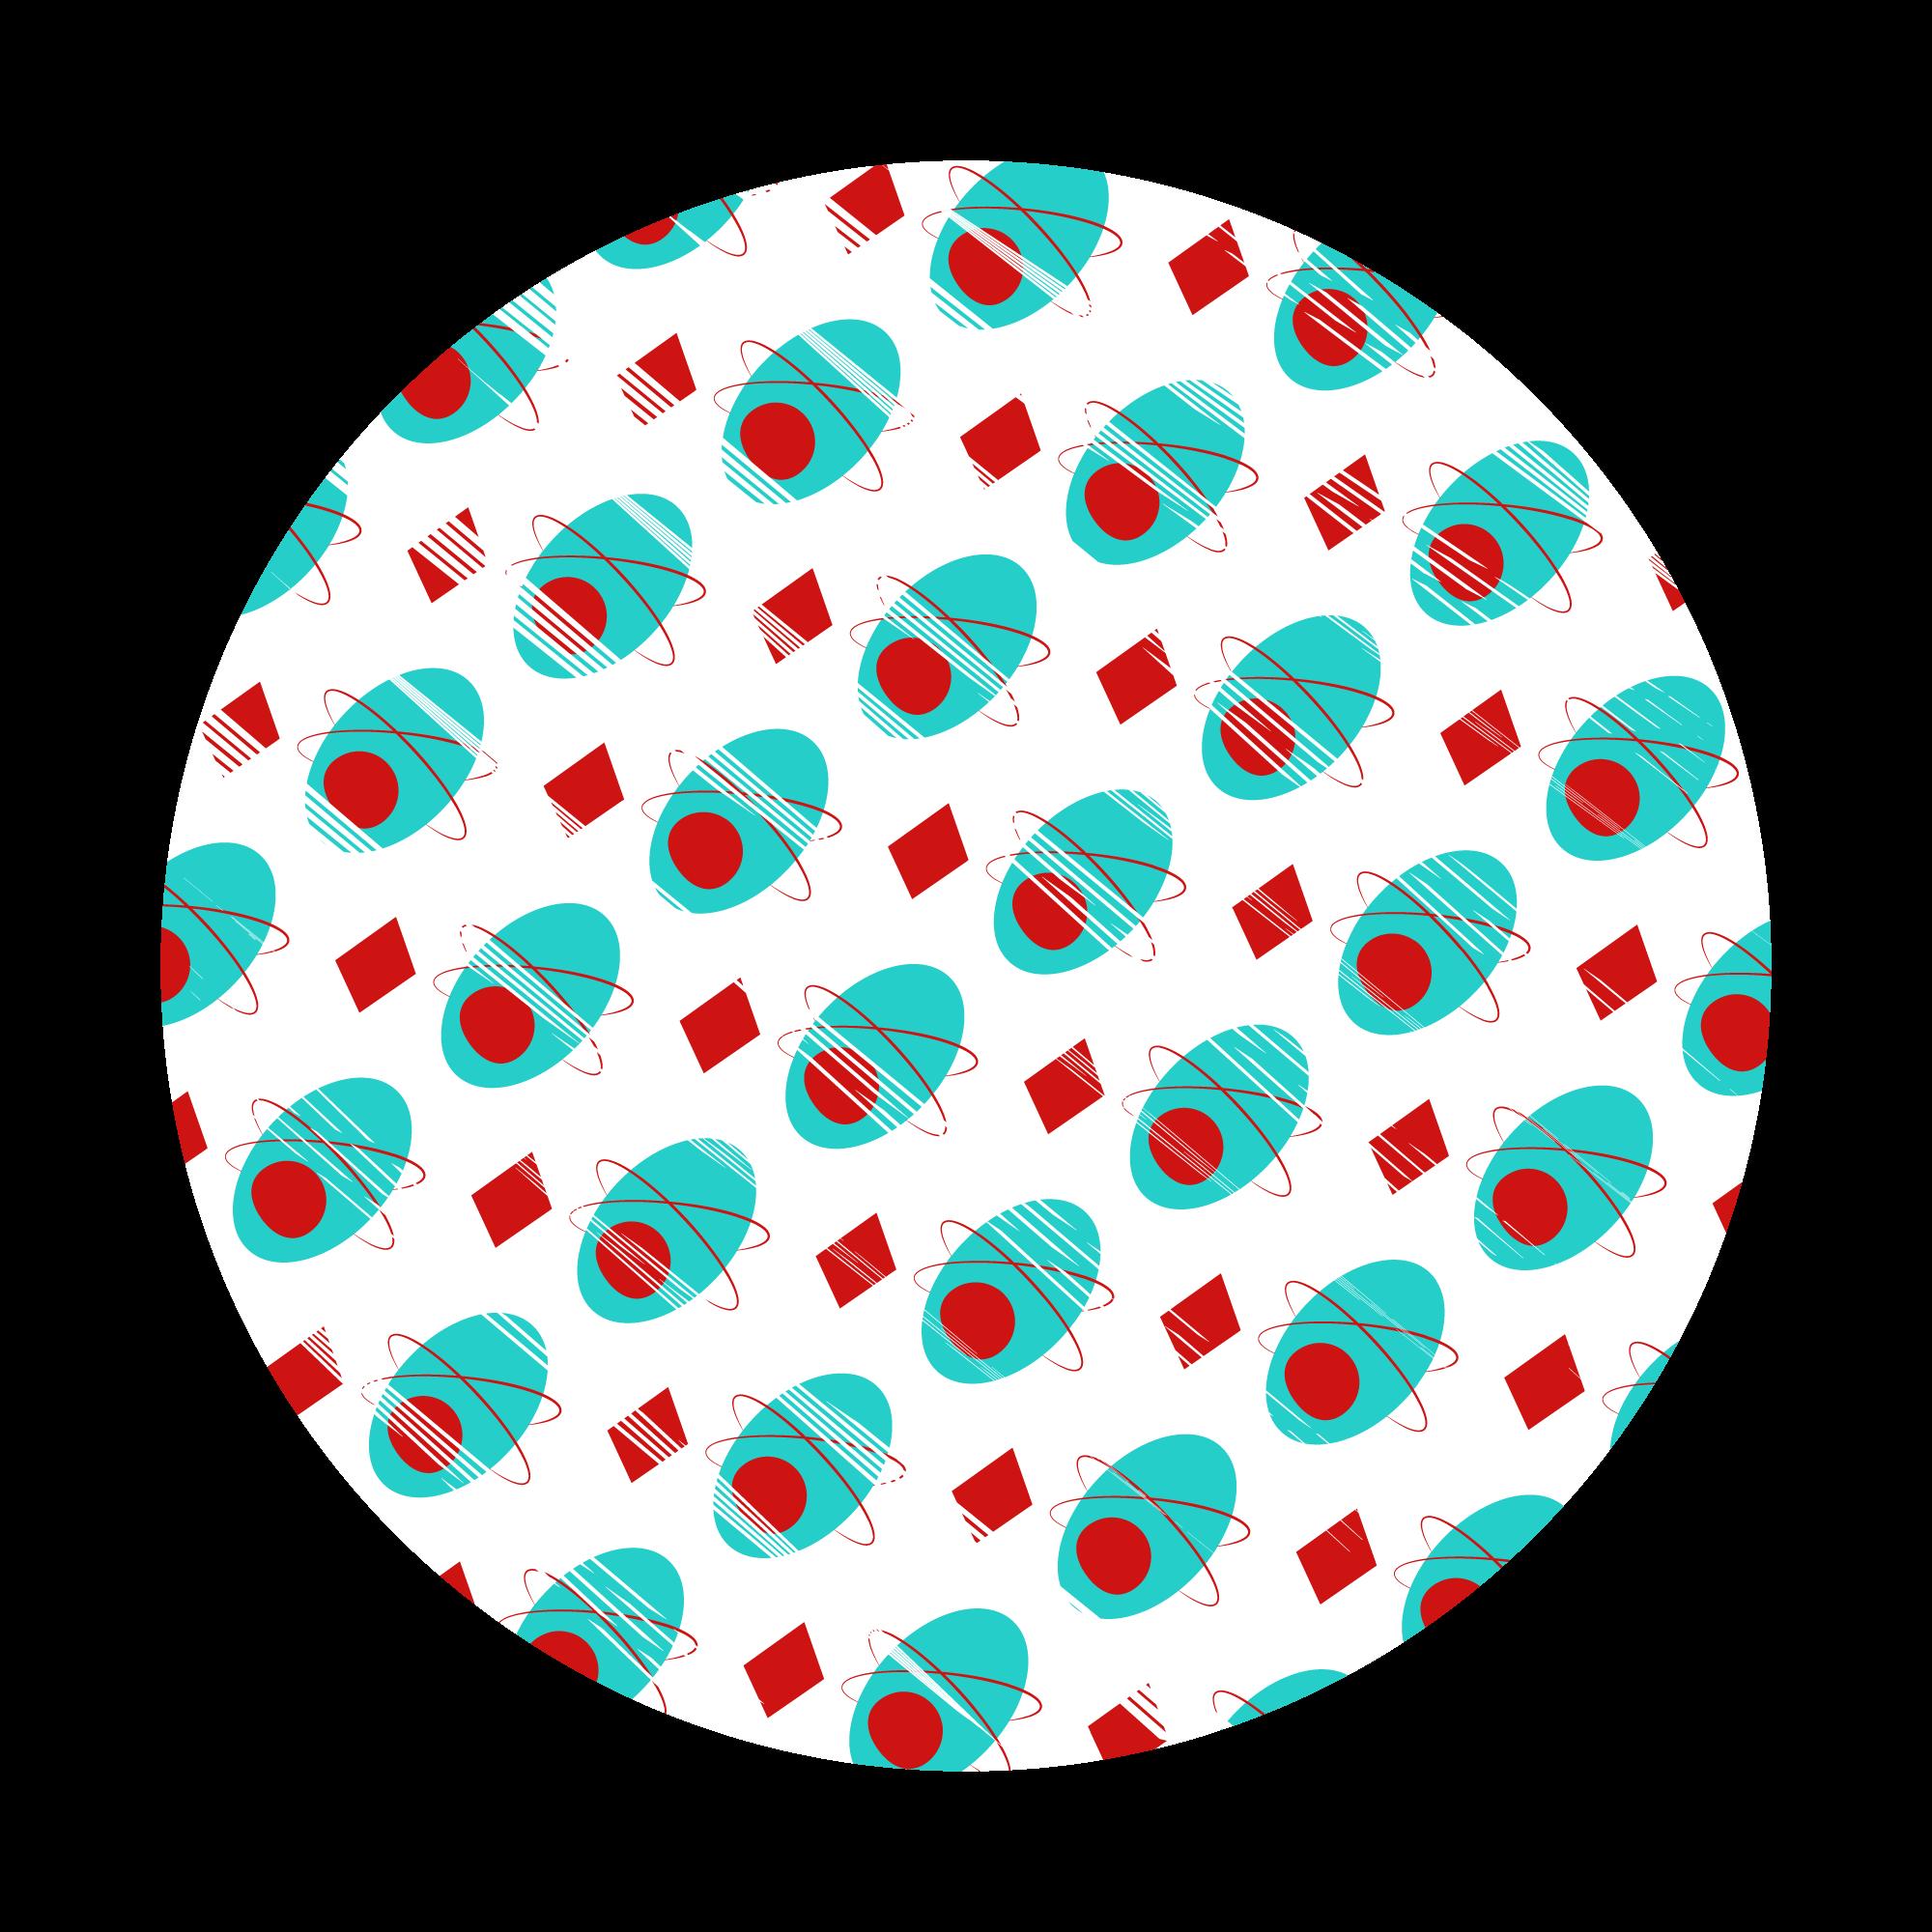 pattern8.1.png